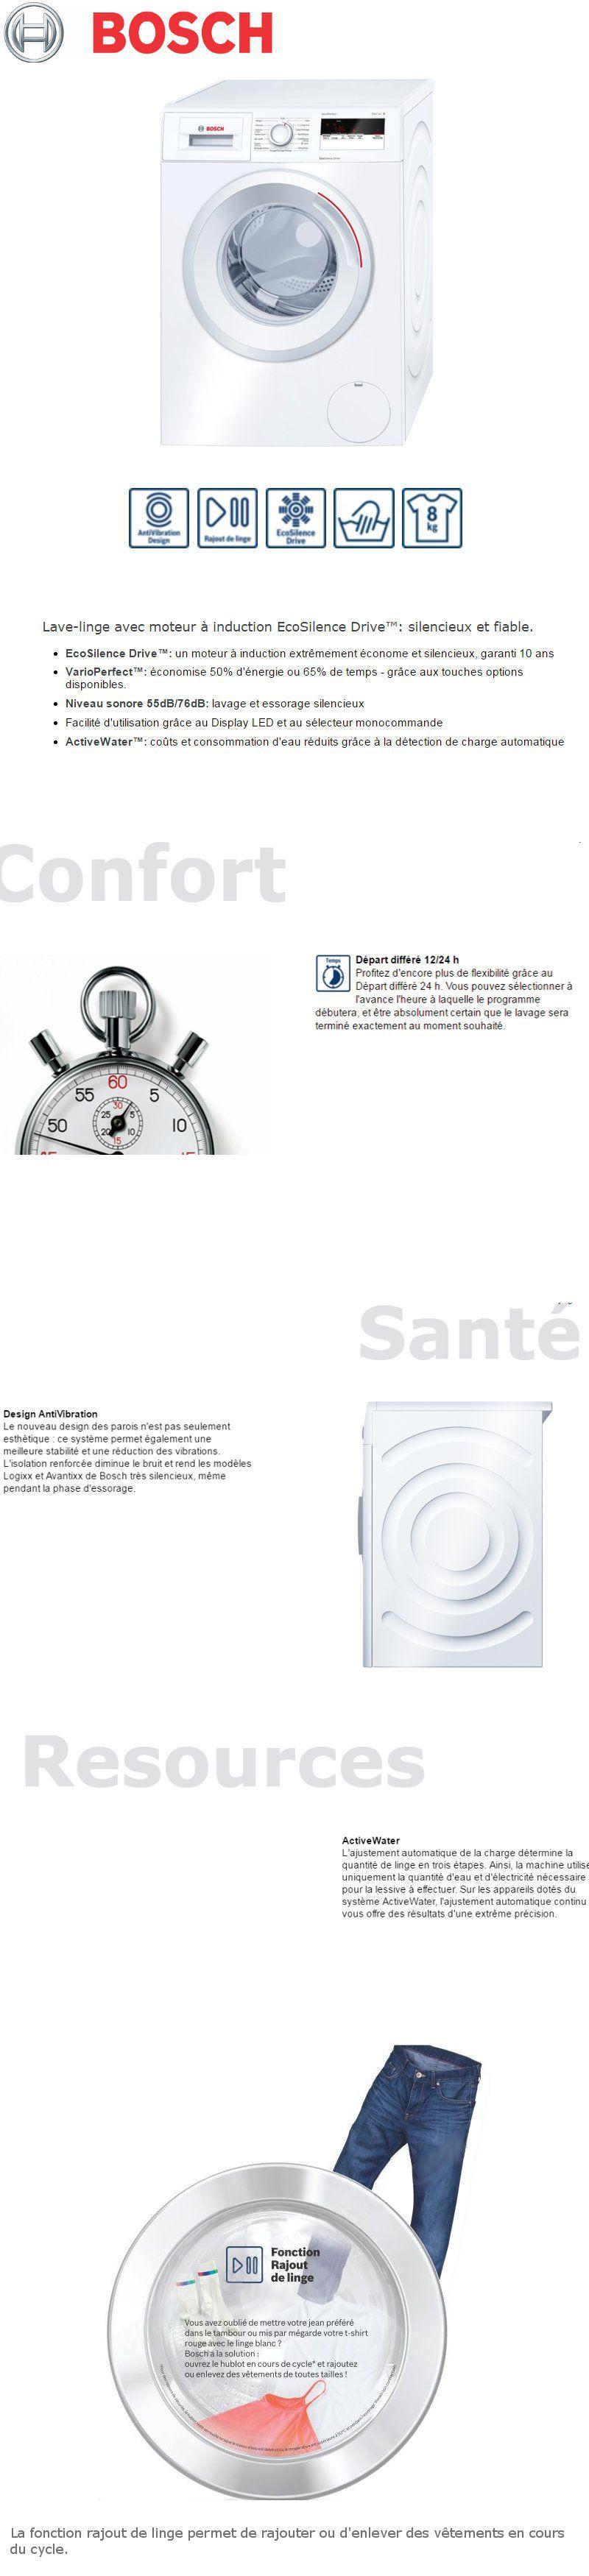 Catégories associées au produit BOSCH WAN24130FF - Lave-linge frontal - 8kg  - 1200 tr   min - A+++ -10% - Induction EcoSilence Drive e18faf26e01